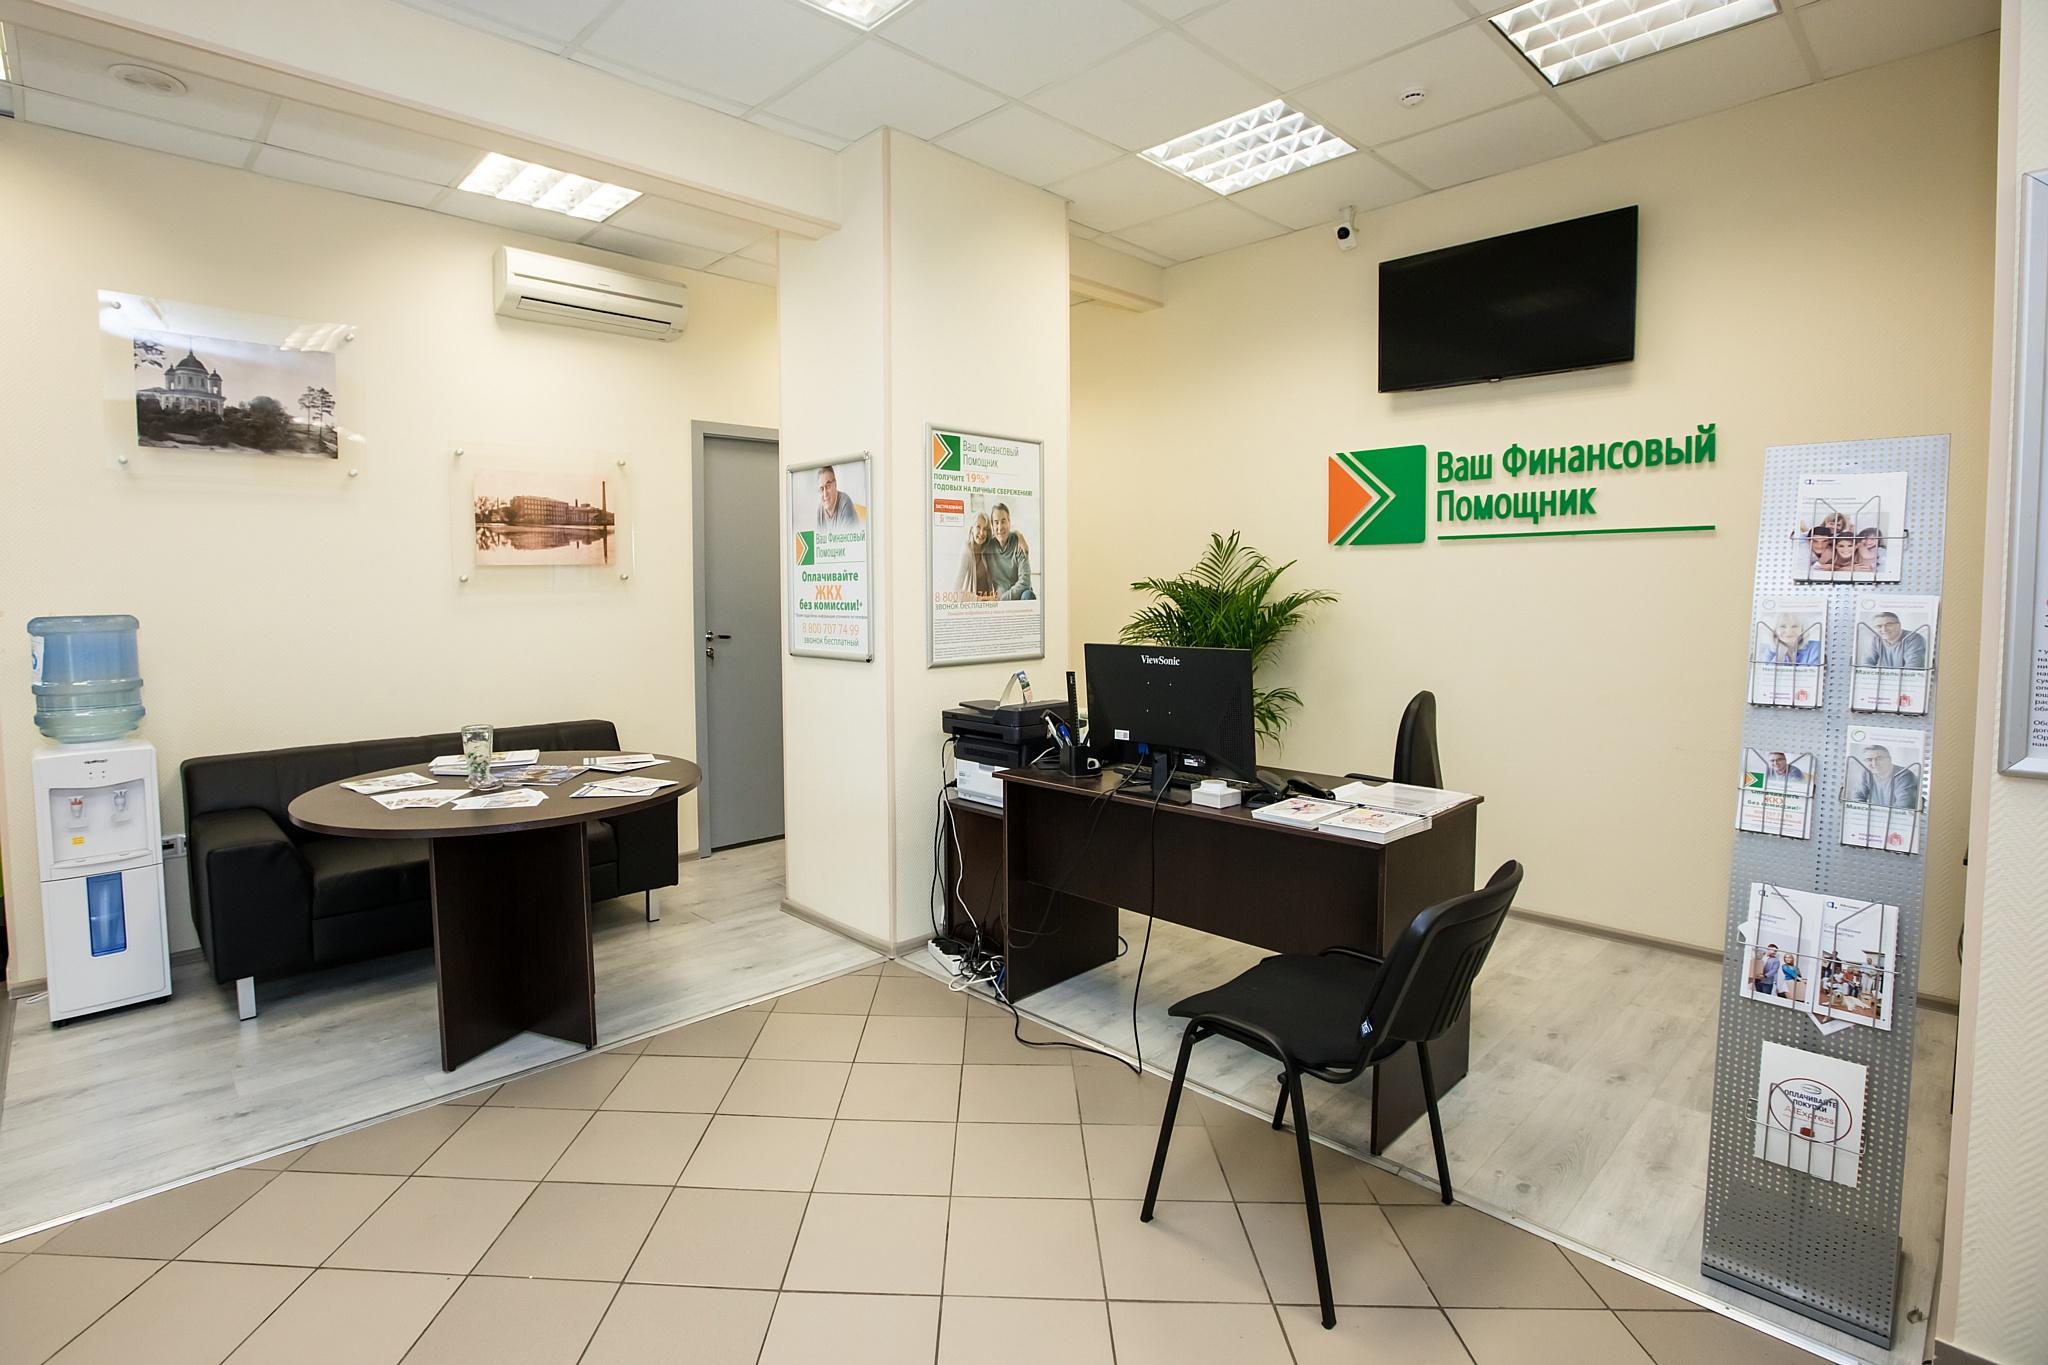 Изменен режим работы офиса ООО «ВФП» в г. Балашиха